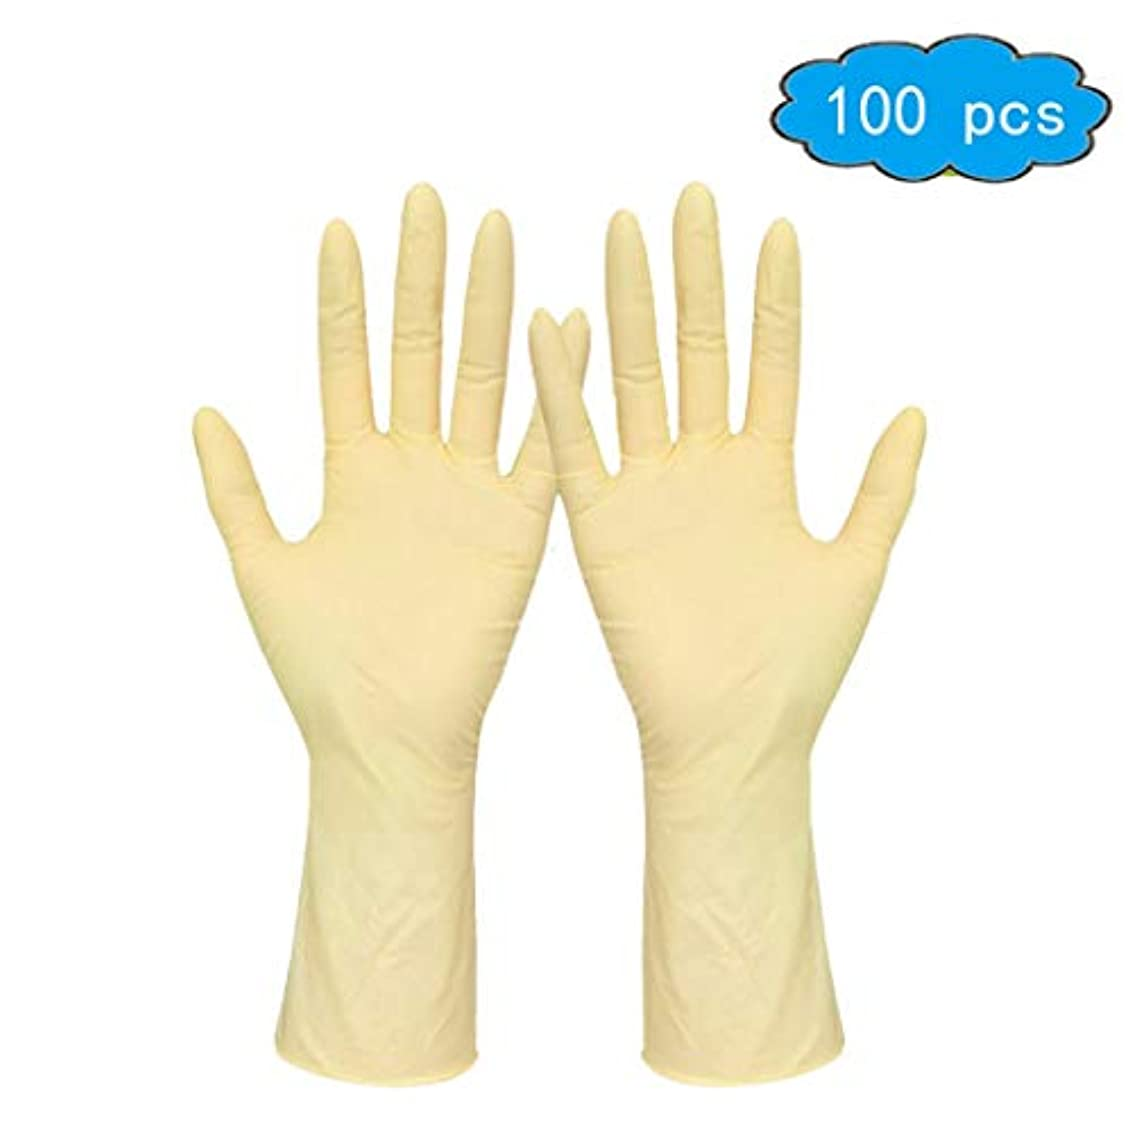 恐怖豊富な節約ラテックスグローブパウダーフリー/使い捨て食品準備調理用グローブ/キッチンフードサービスクリーニンググローブ(大)100手袋、非滅菌使い捨て安全手袋 (Color : Beige, Size : S)